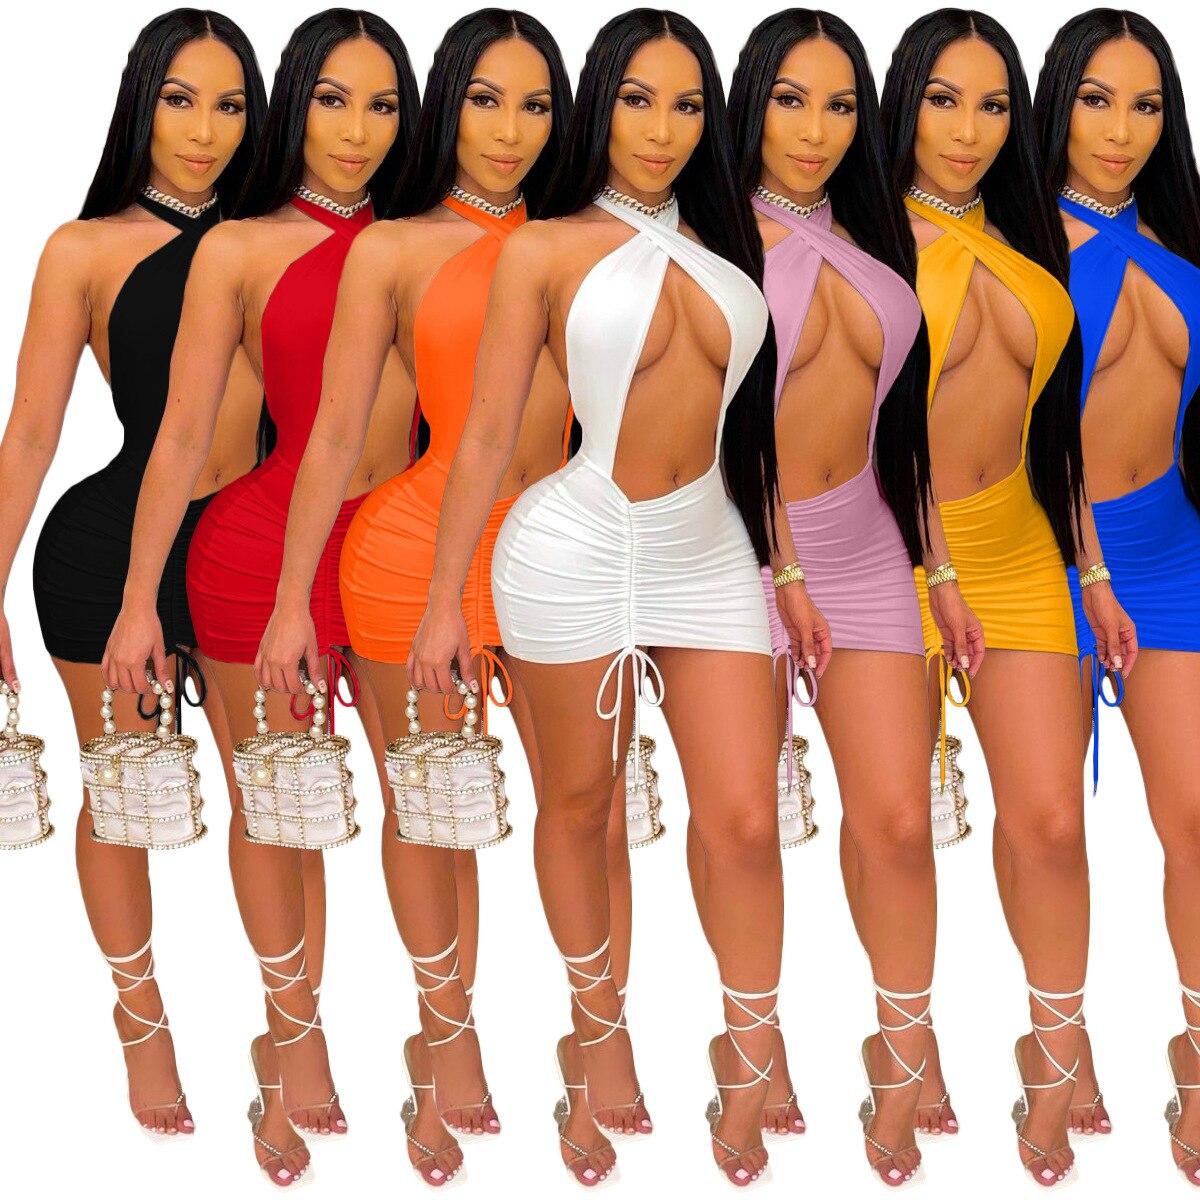 Сексуальное женское вечернее платье Adogirl, элегантное облегающее однотонное мини платье с открытой спиной, вечерние Клубные наряды, платья с рюшами и шнурком|Платья|   | АлиЭкспресс